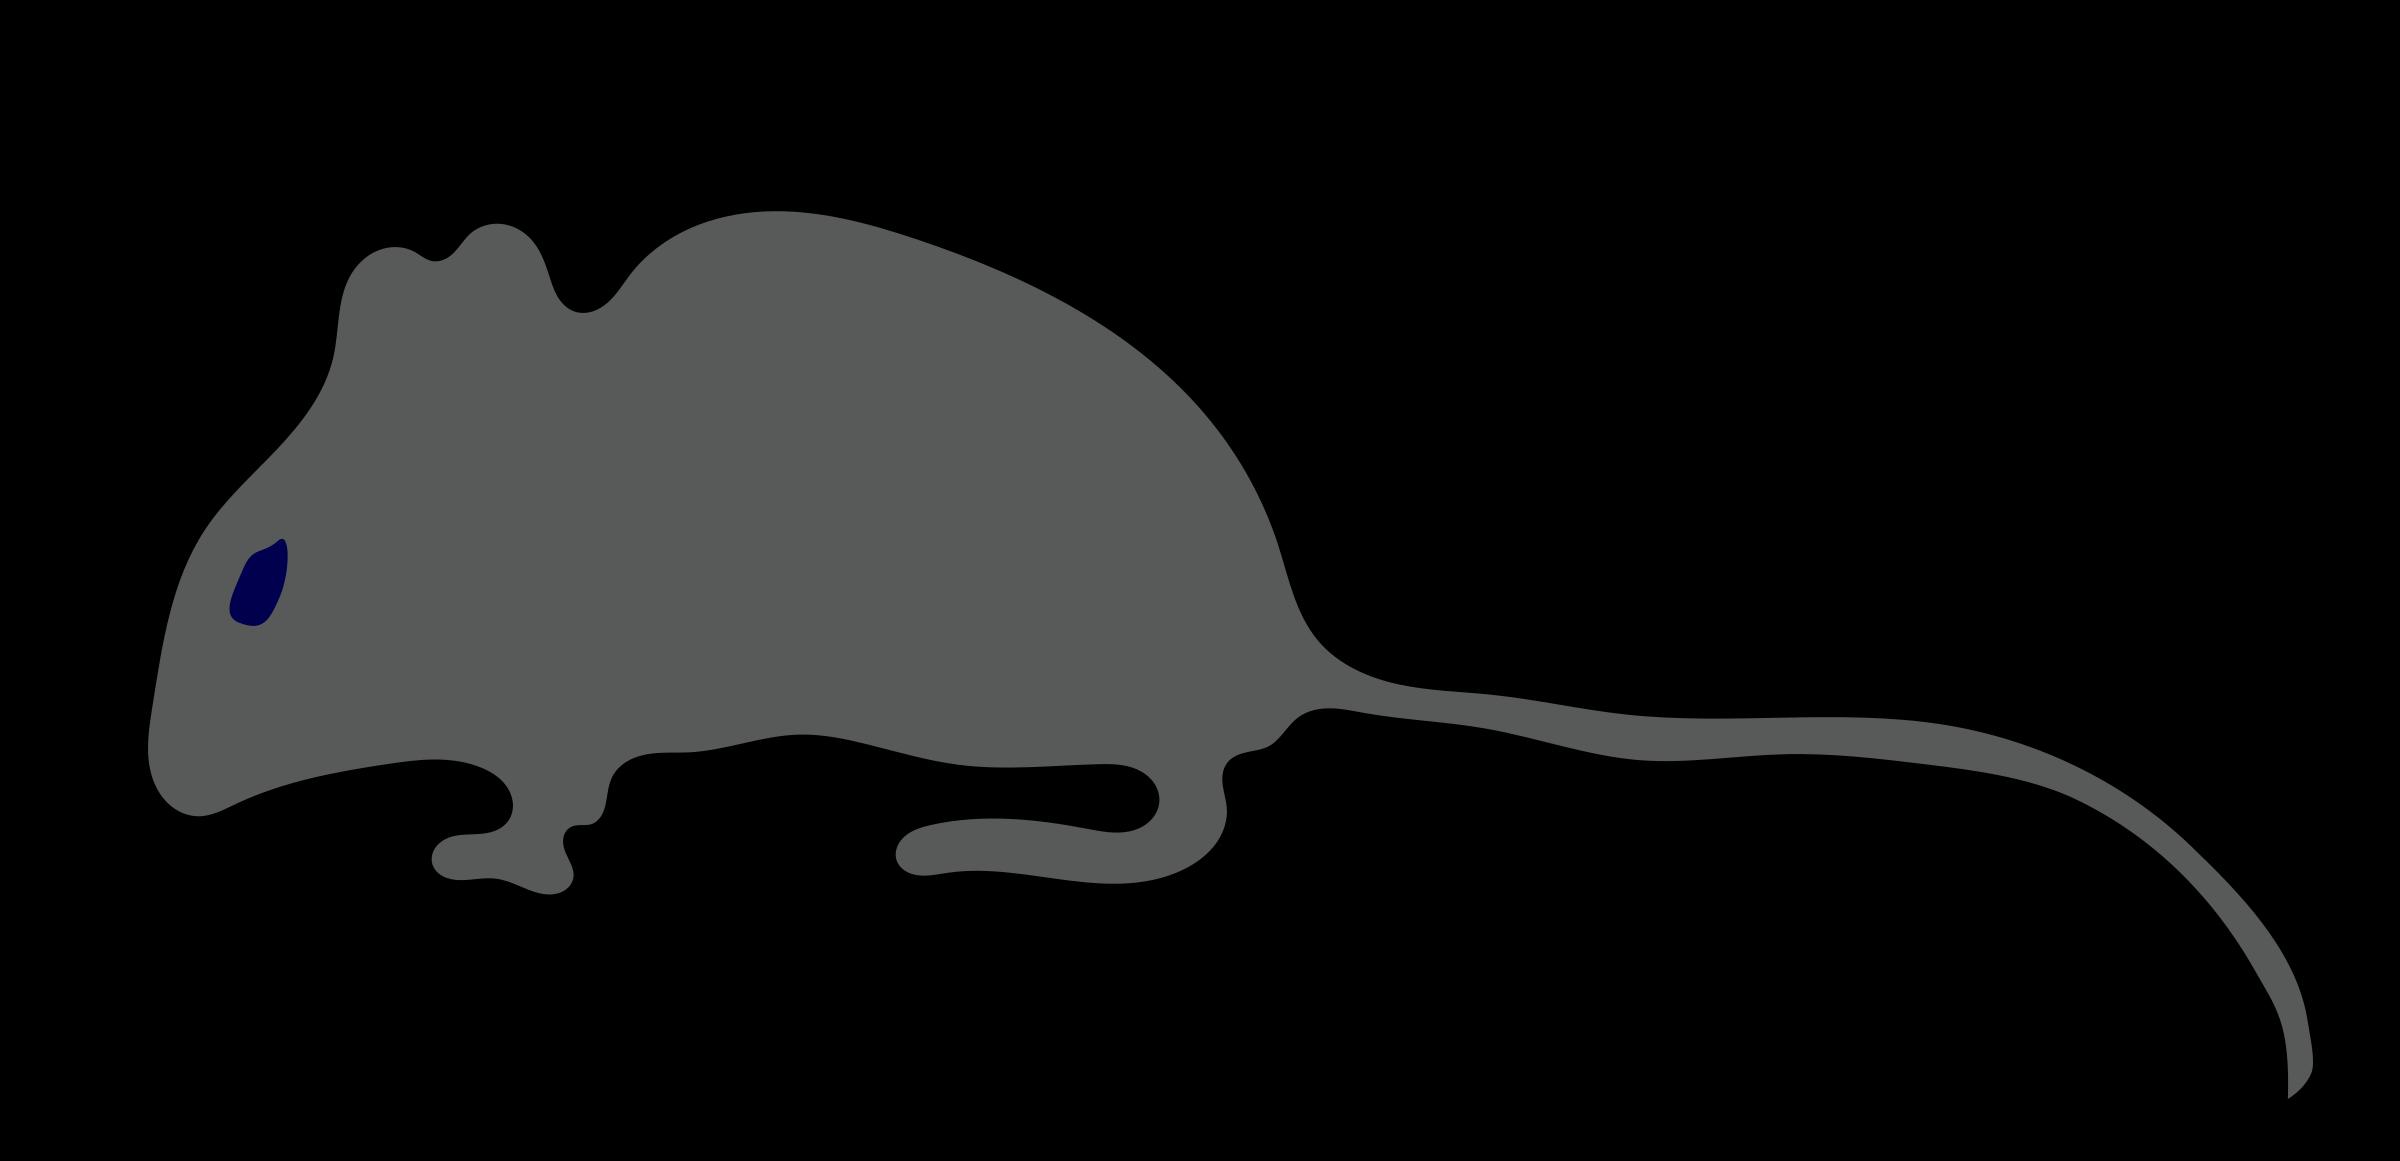 Silhouette tail clip art. Rat clipart little mouse